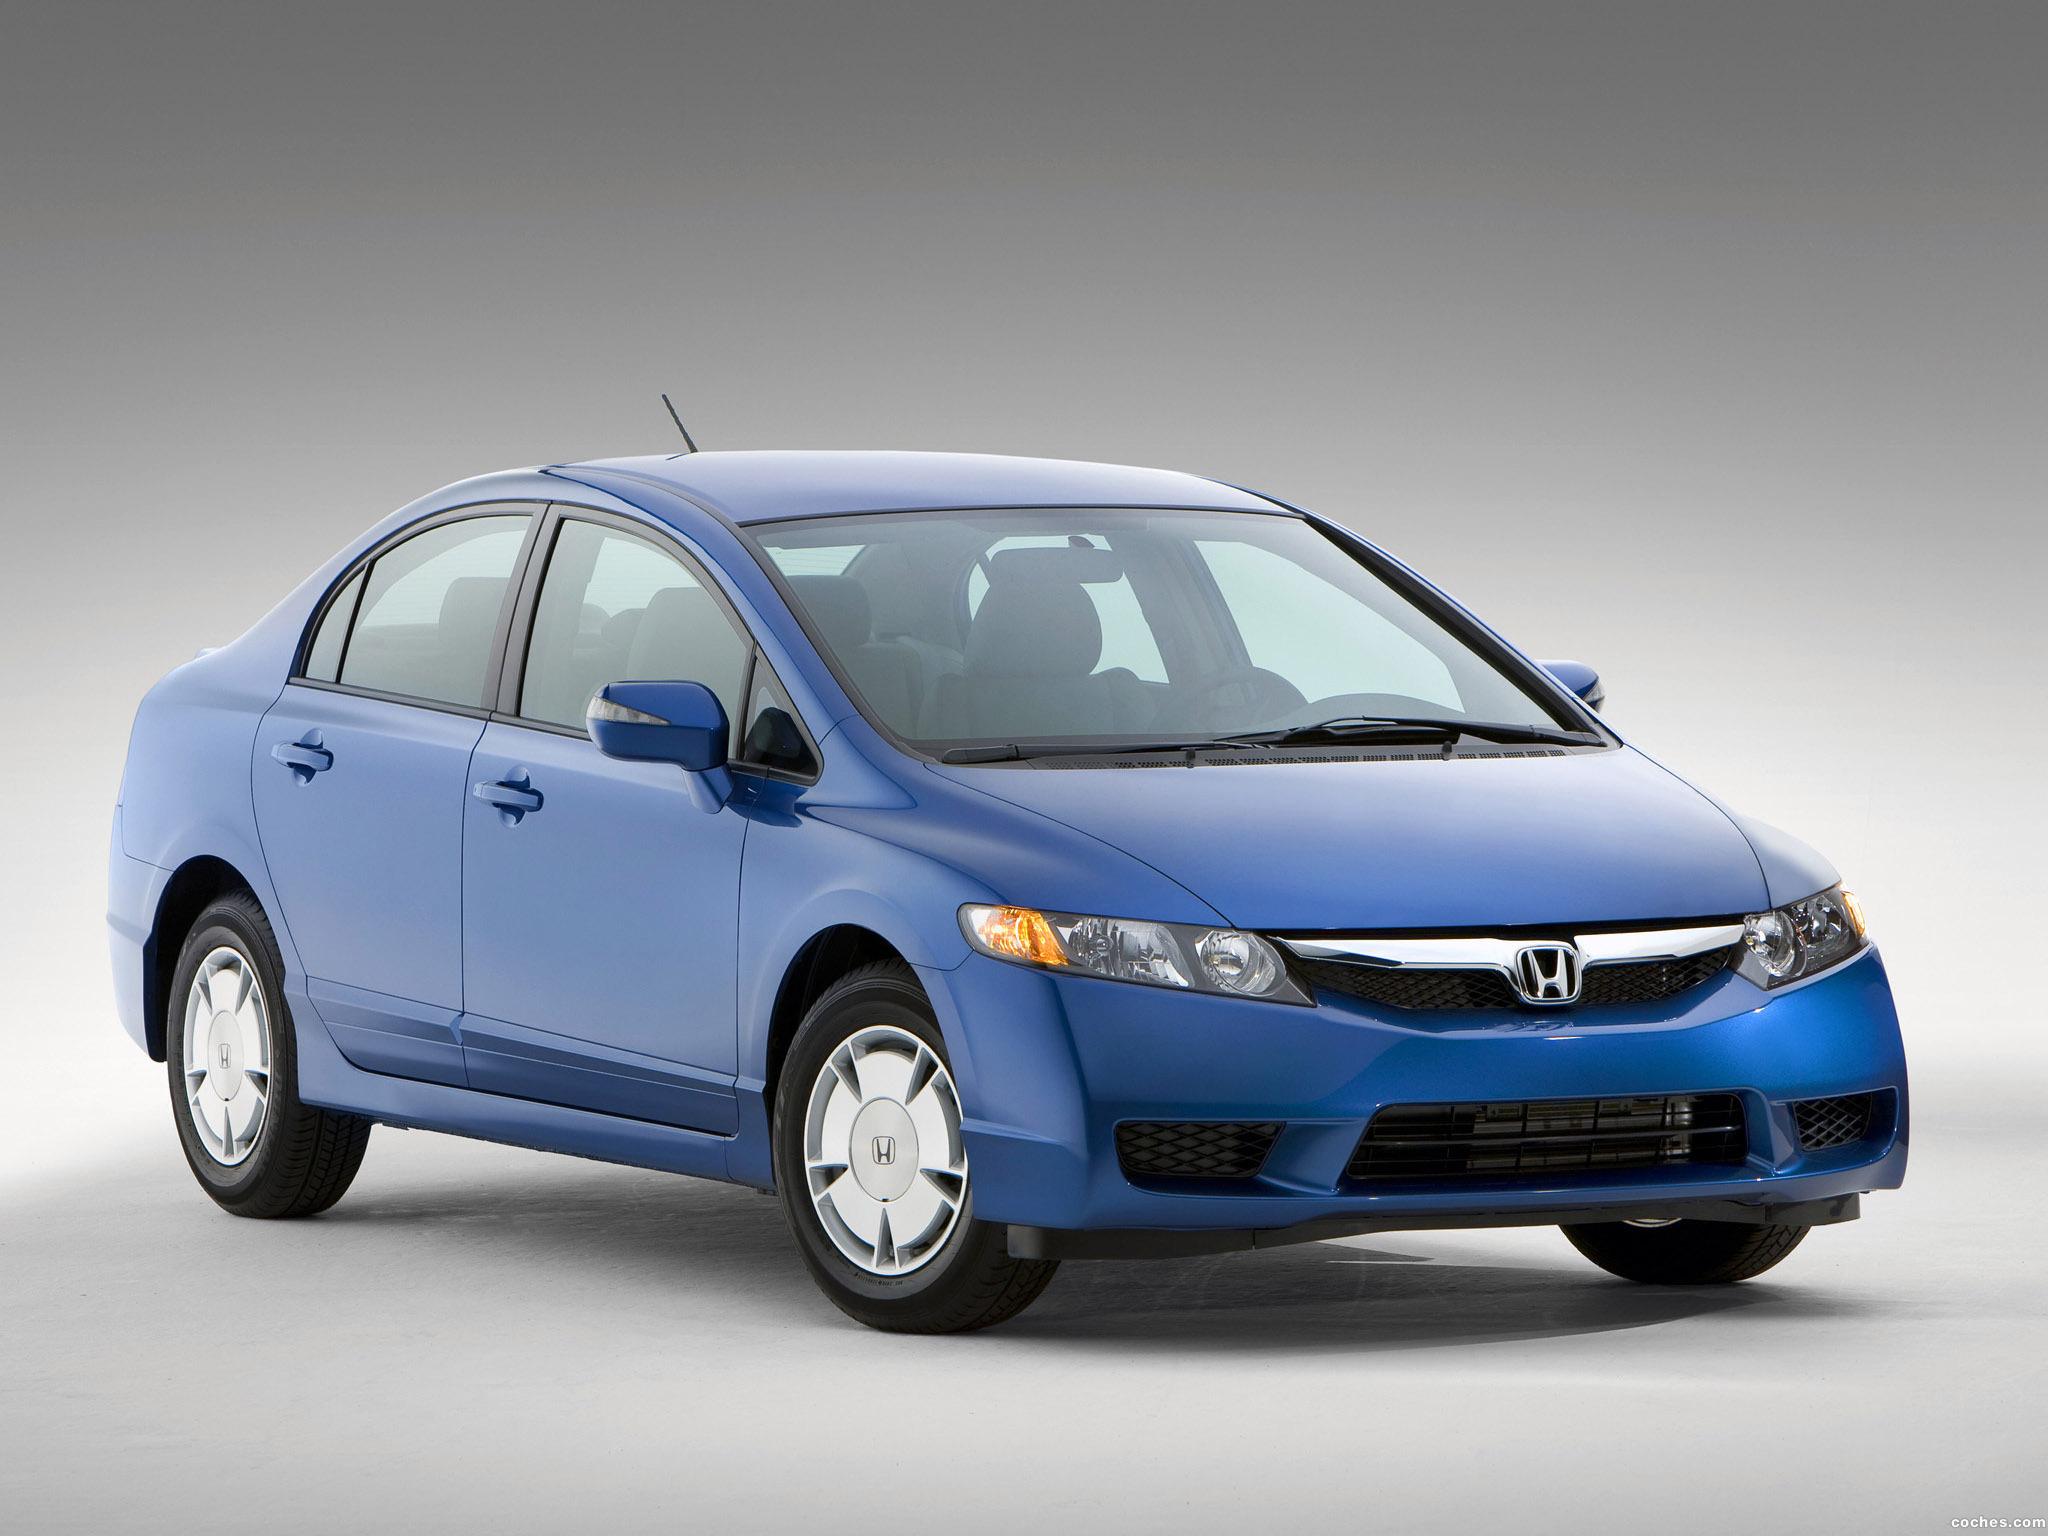 Foto 7 de Honda Civic Hybrid USA 2008